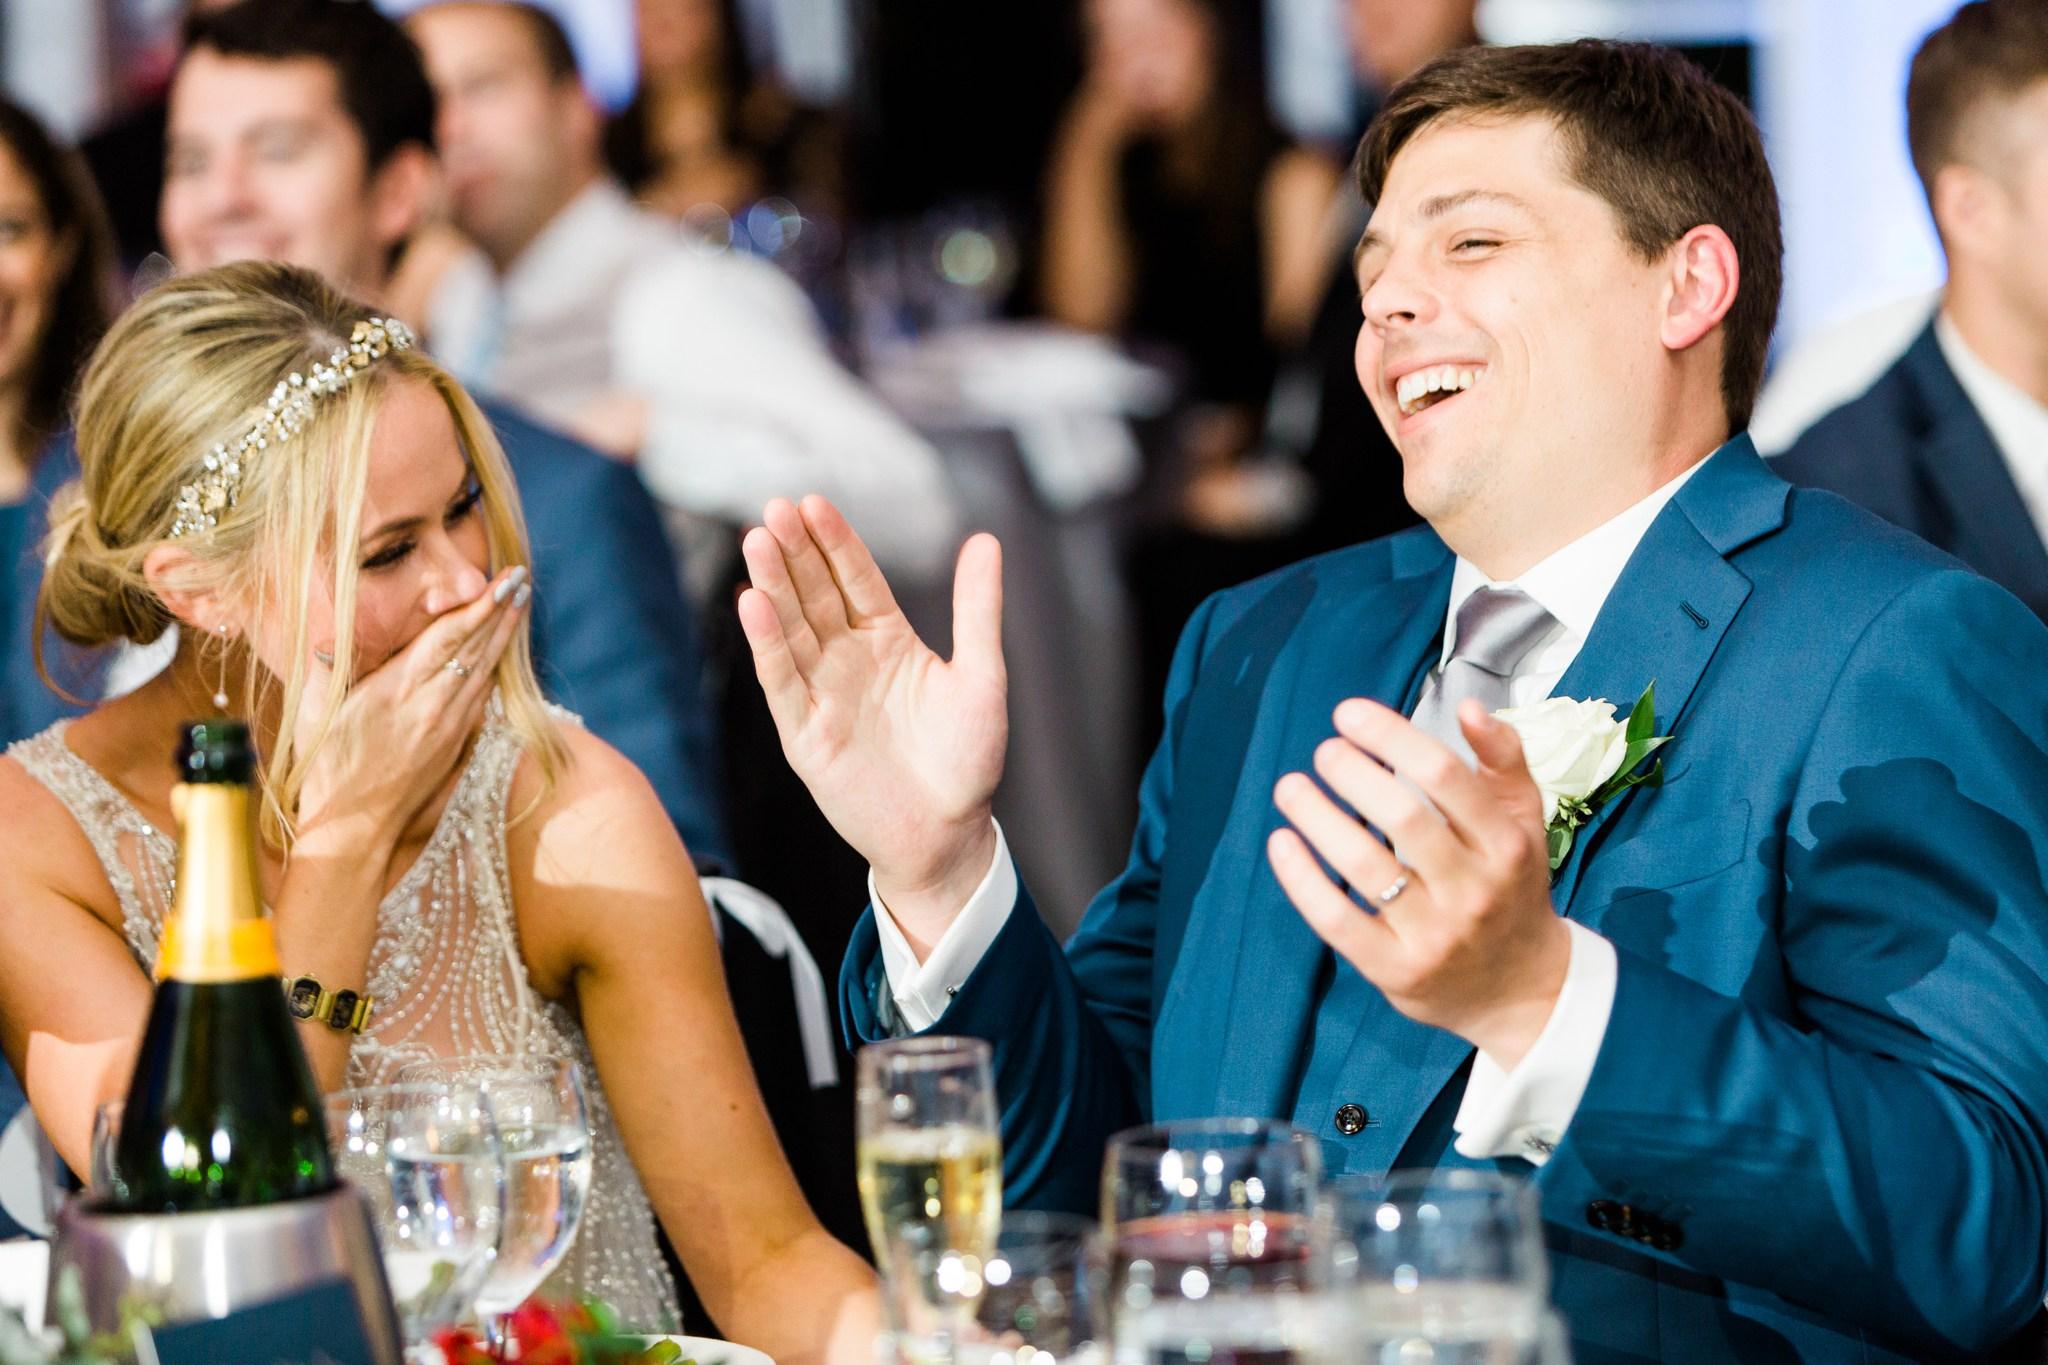 boston_wedding_deborah_zoe_photography_00038.JPG